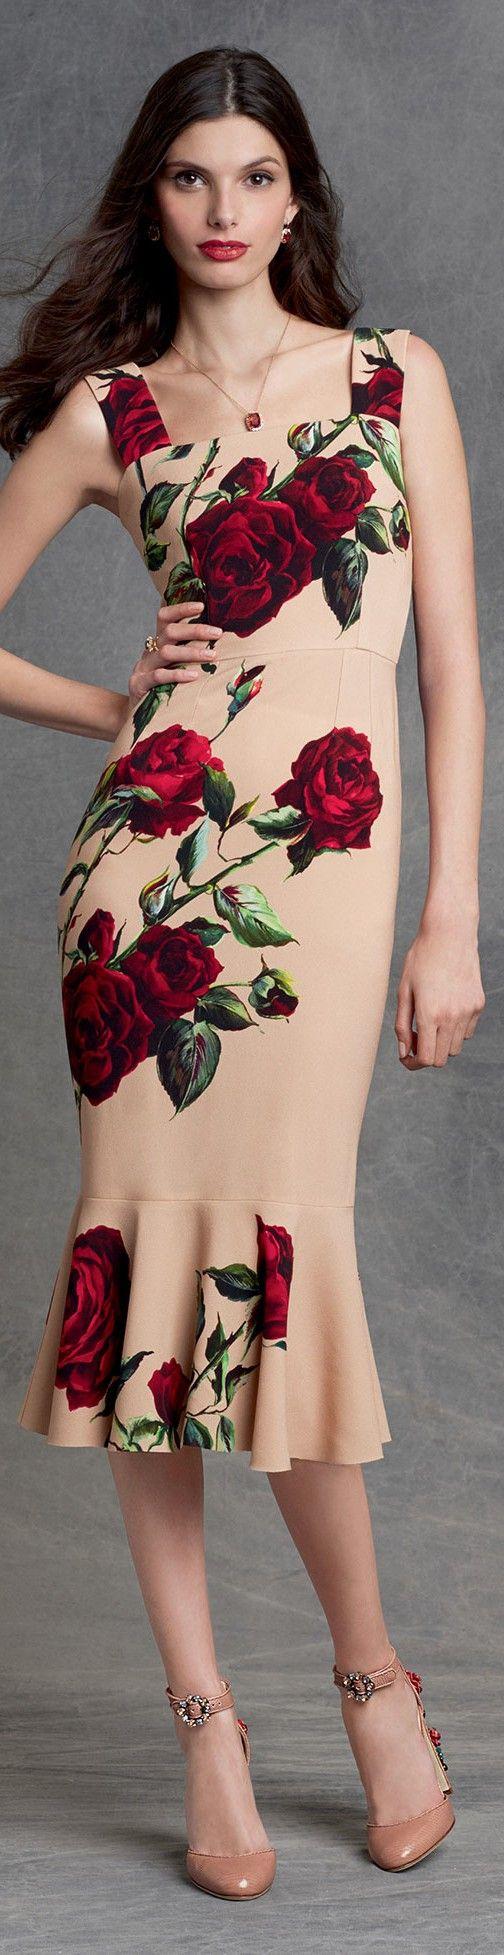 I will wear a Dolce and Gabbana dress